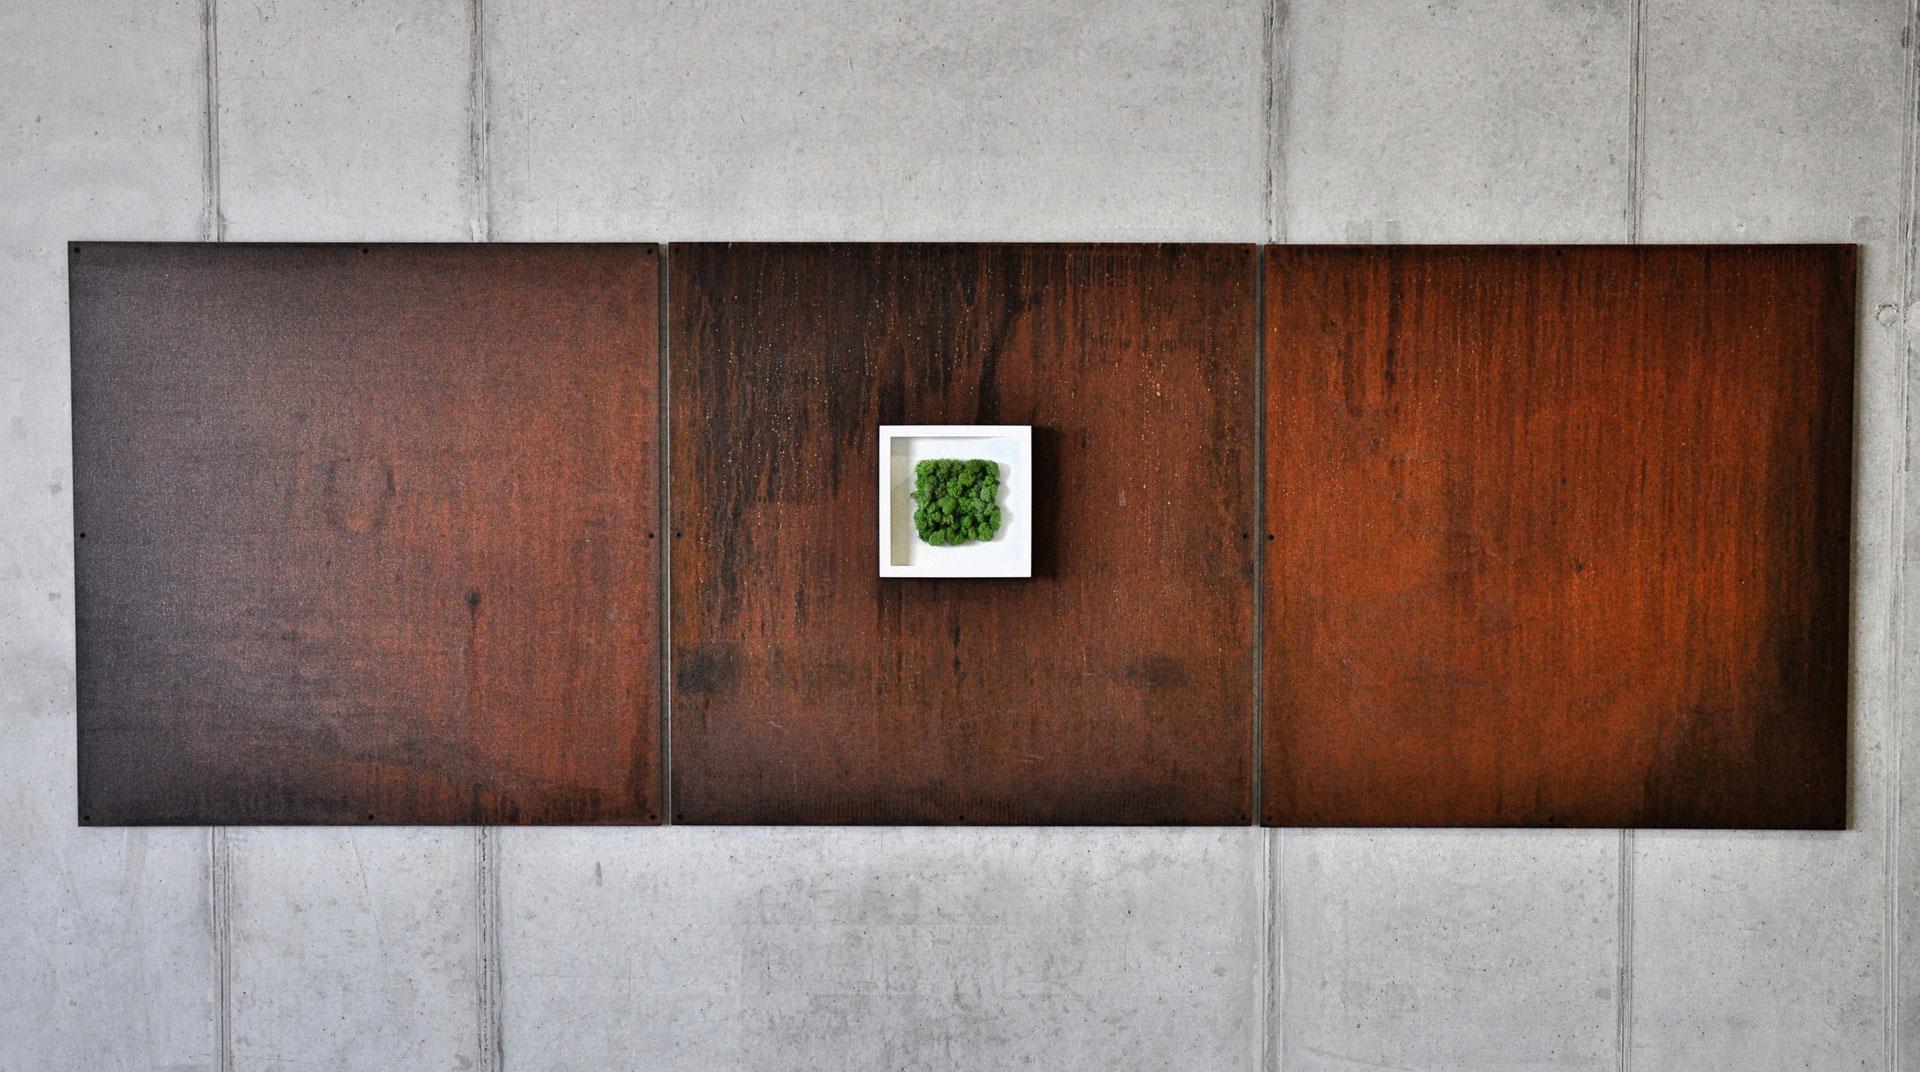 moosbild moosbild islandmoos nature art i famoos. Black Bedroom Furniture Sets. Home Design Ideas